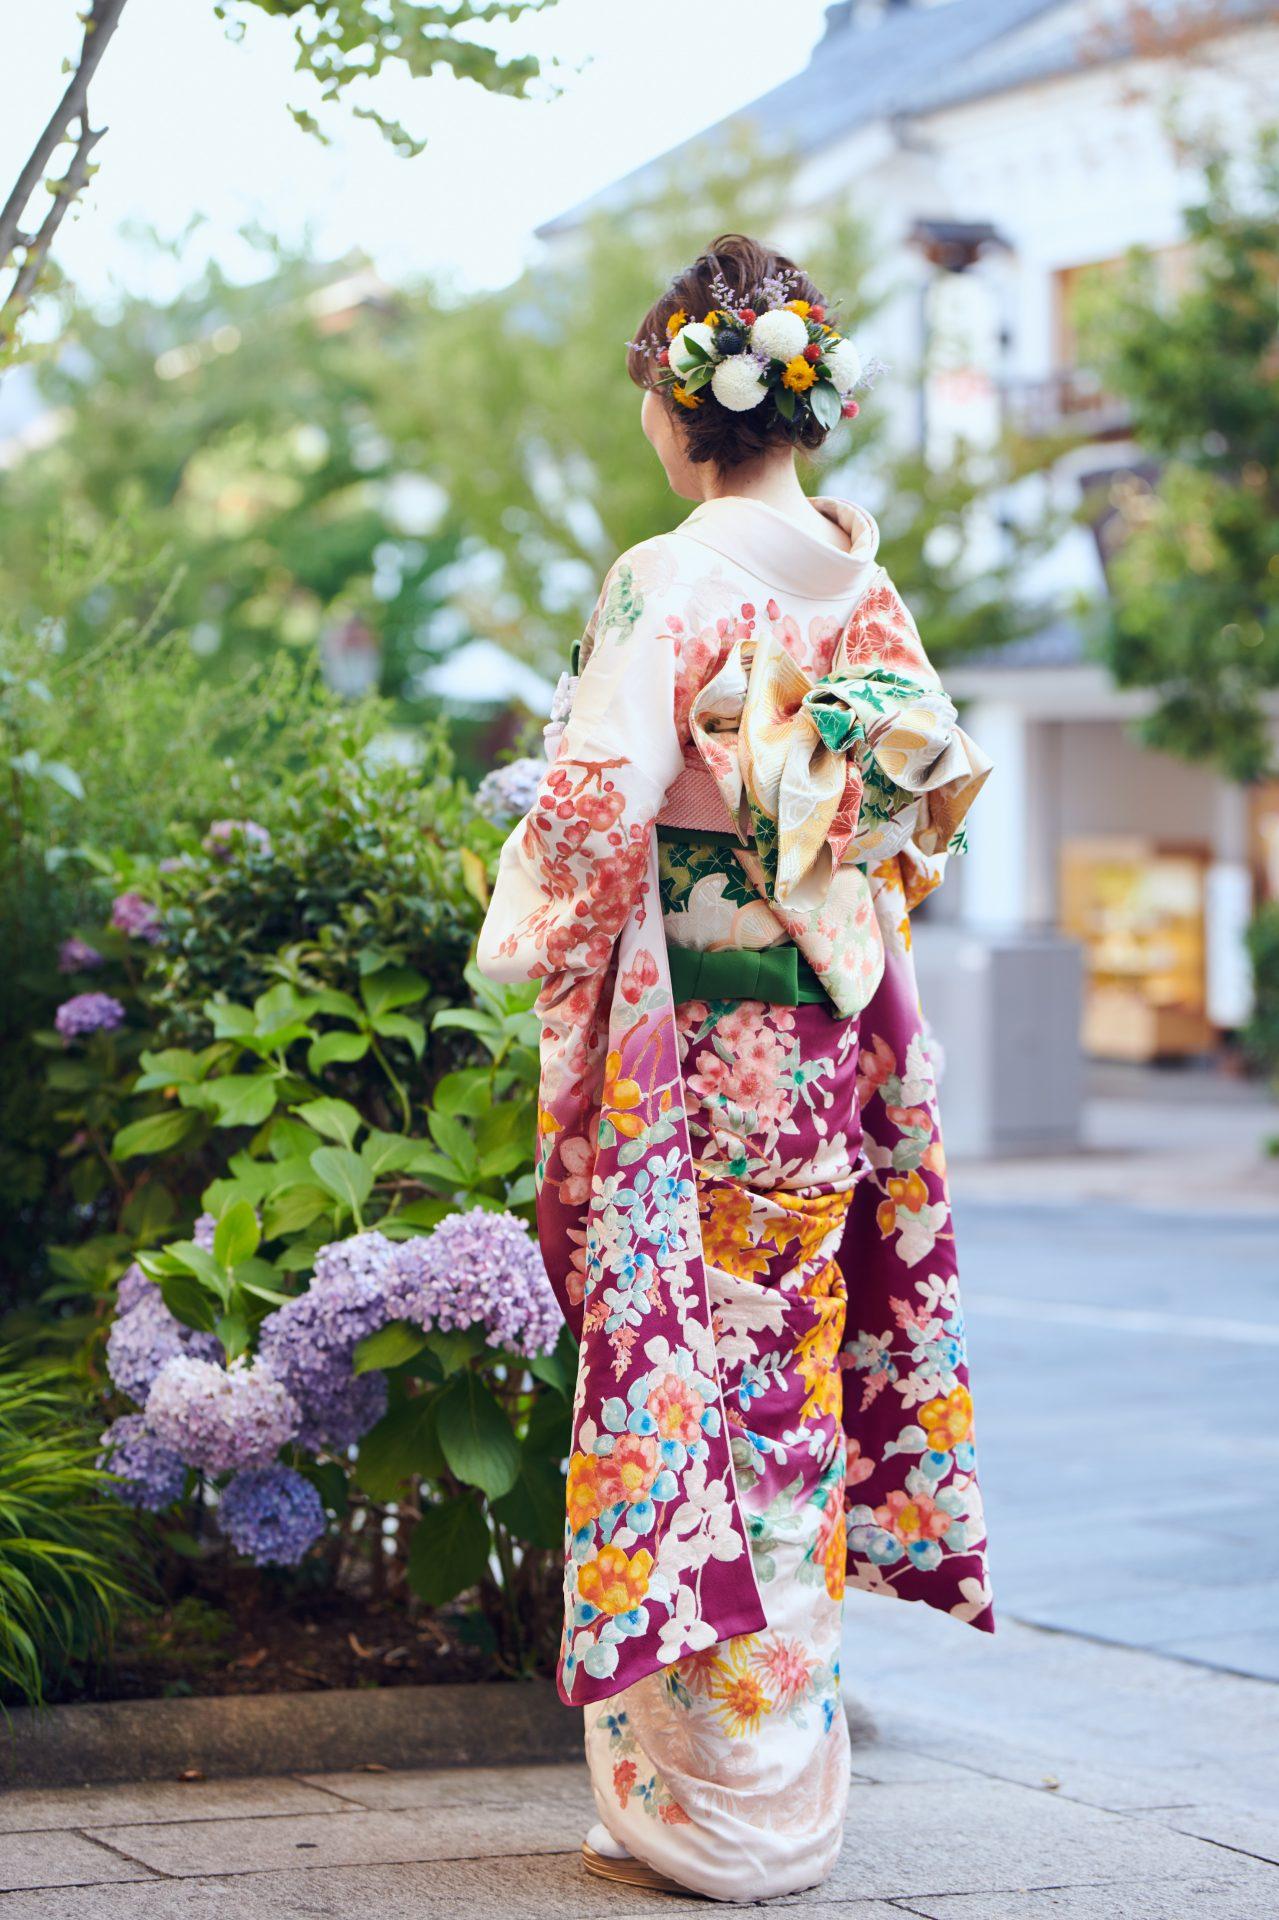 四季折々の花々が描かれた和装が、善光寺のお膝元藤屋御本陳に美しく映えます。